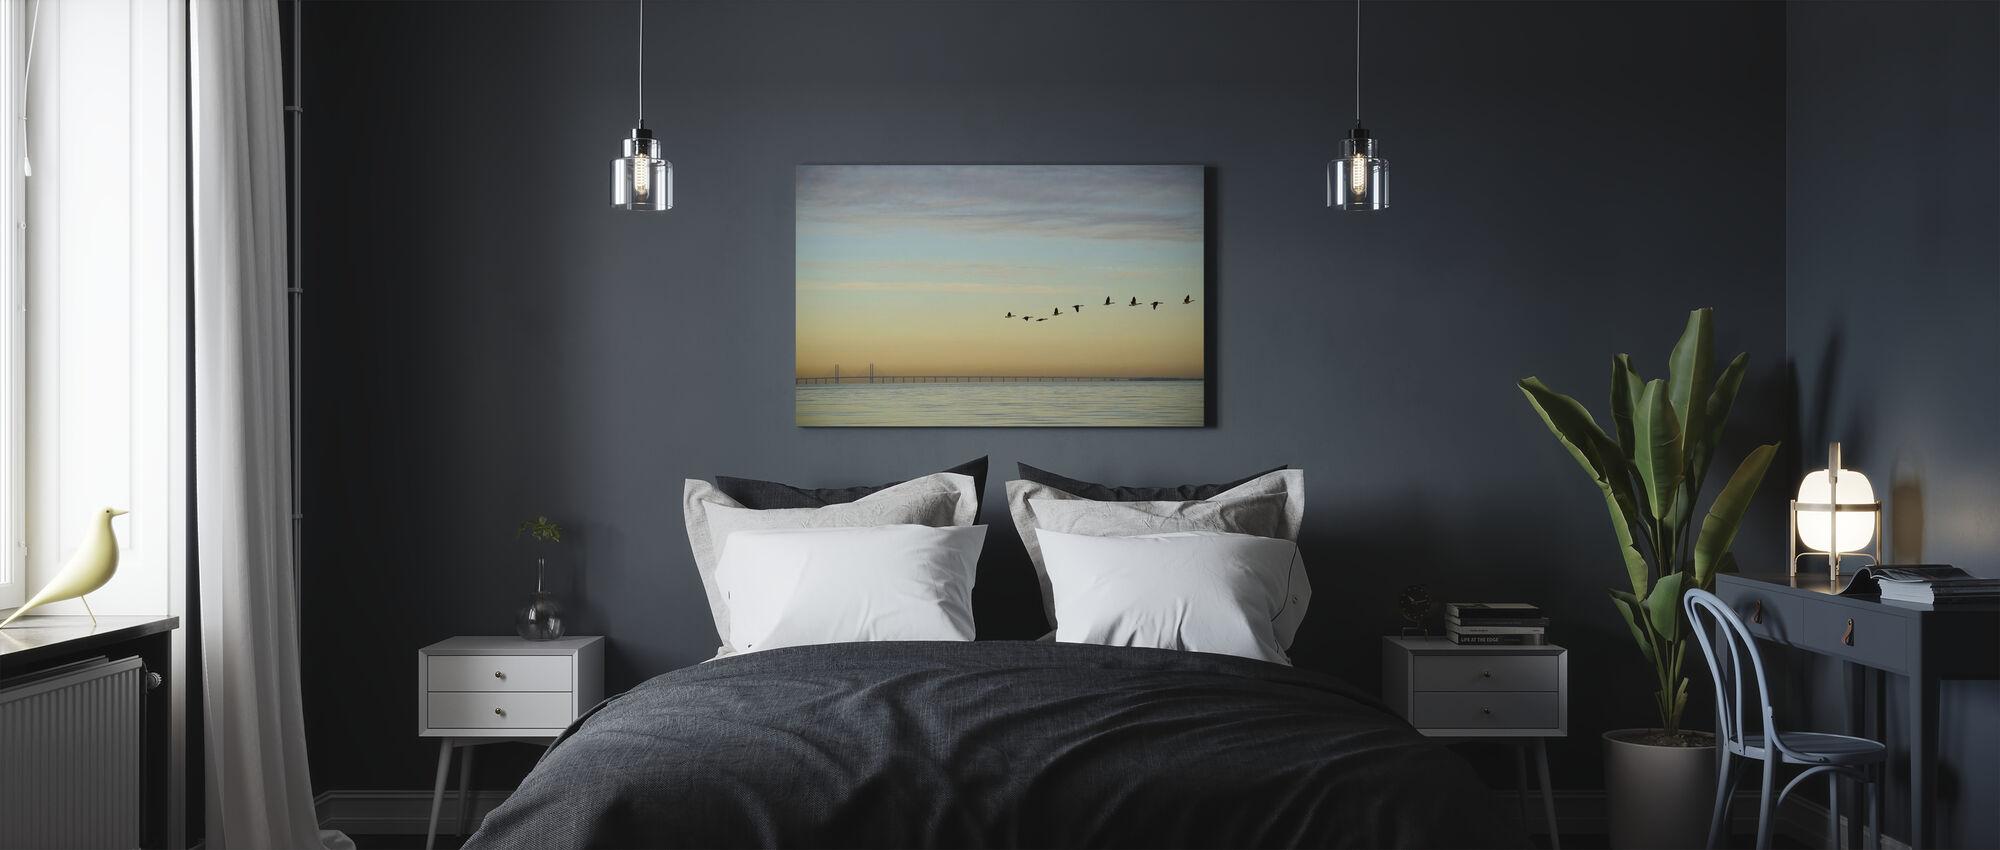 Troupeau d'oiseaux - Impression sur toile - Chambre